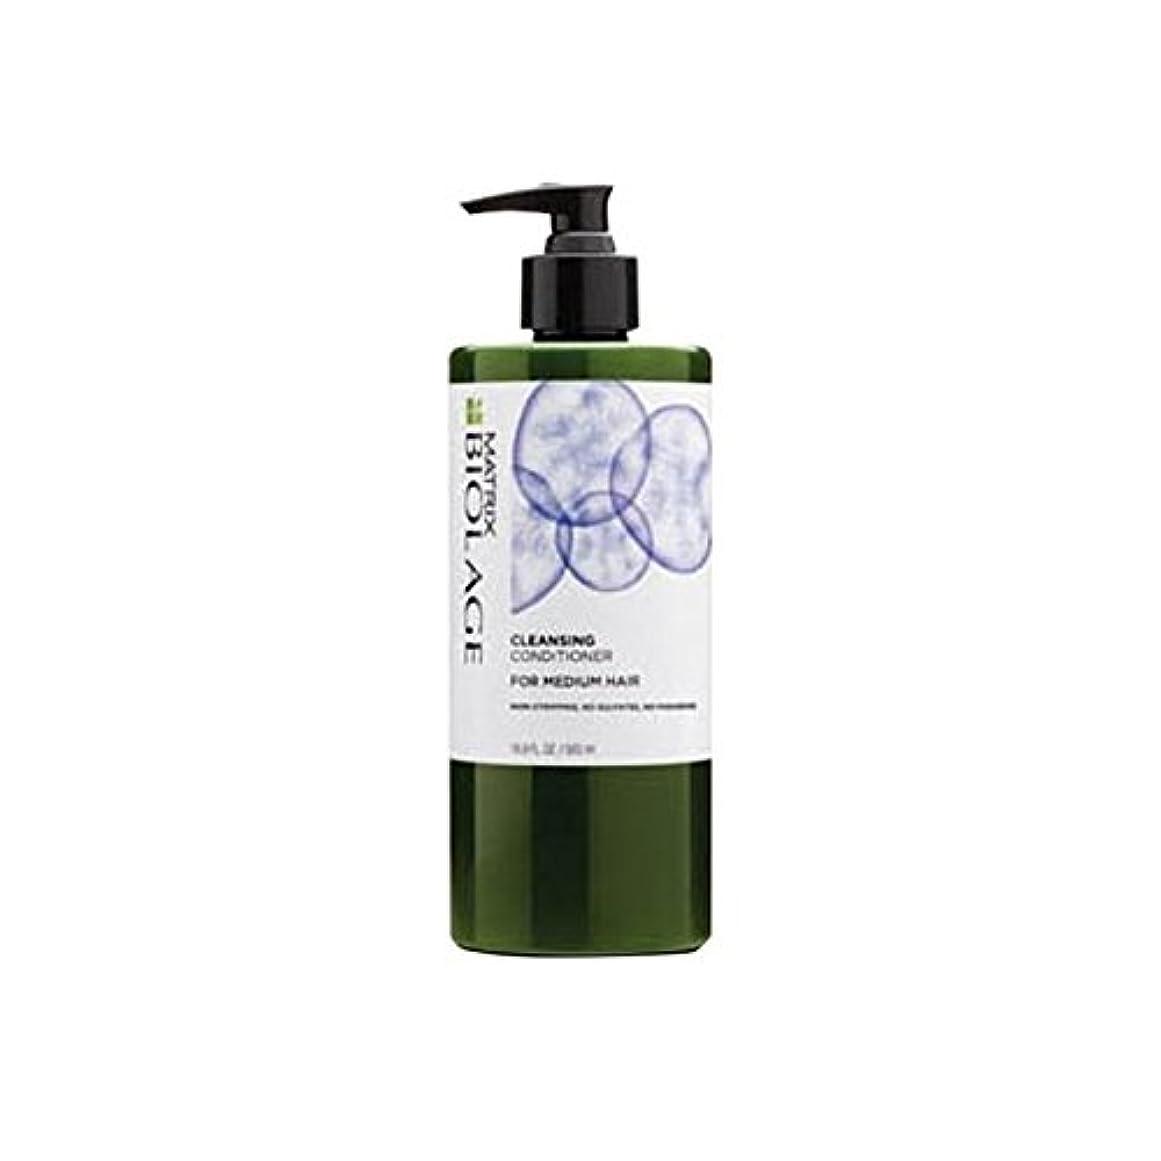 リーガンキャップレコーダーマトリックスバイオレイジクレンジングコンディショナー - メディア髪(500ミリリットル) x4 - Matrix Biolage Cleansing Conditioner - Medium Hair (500ml)...